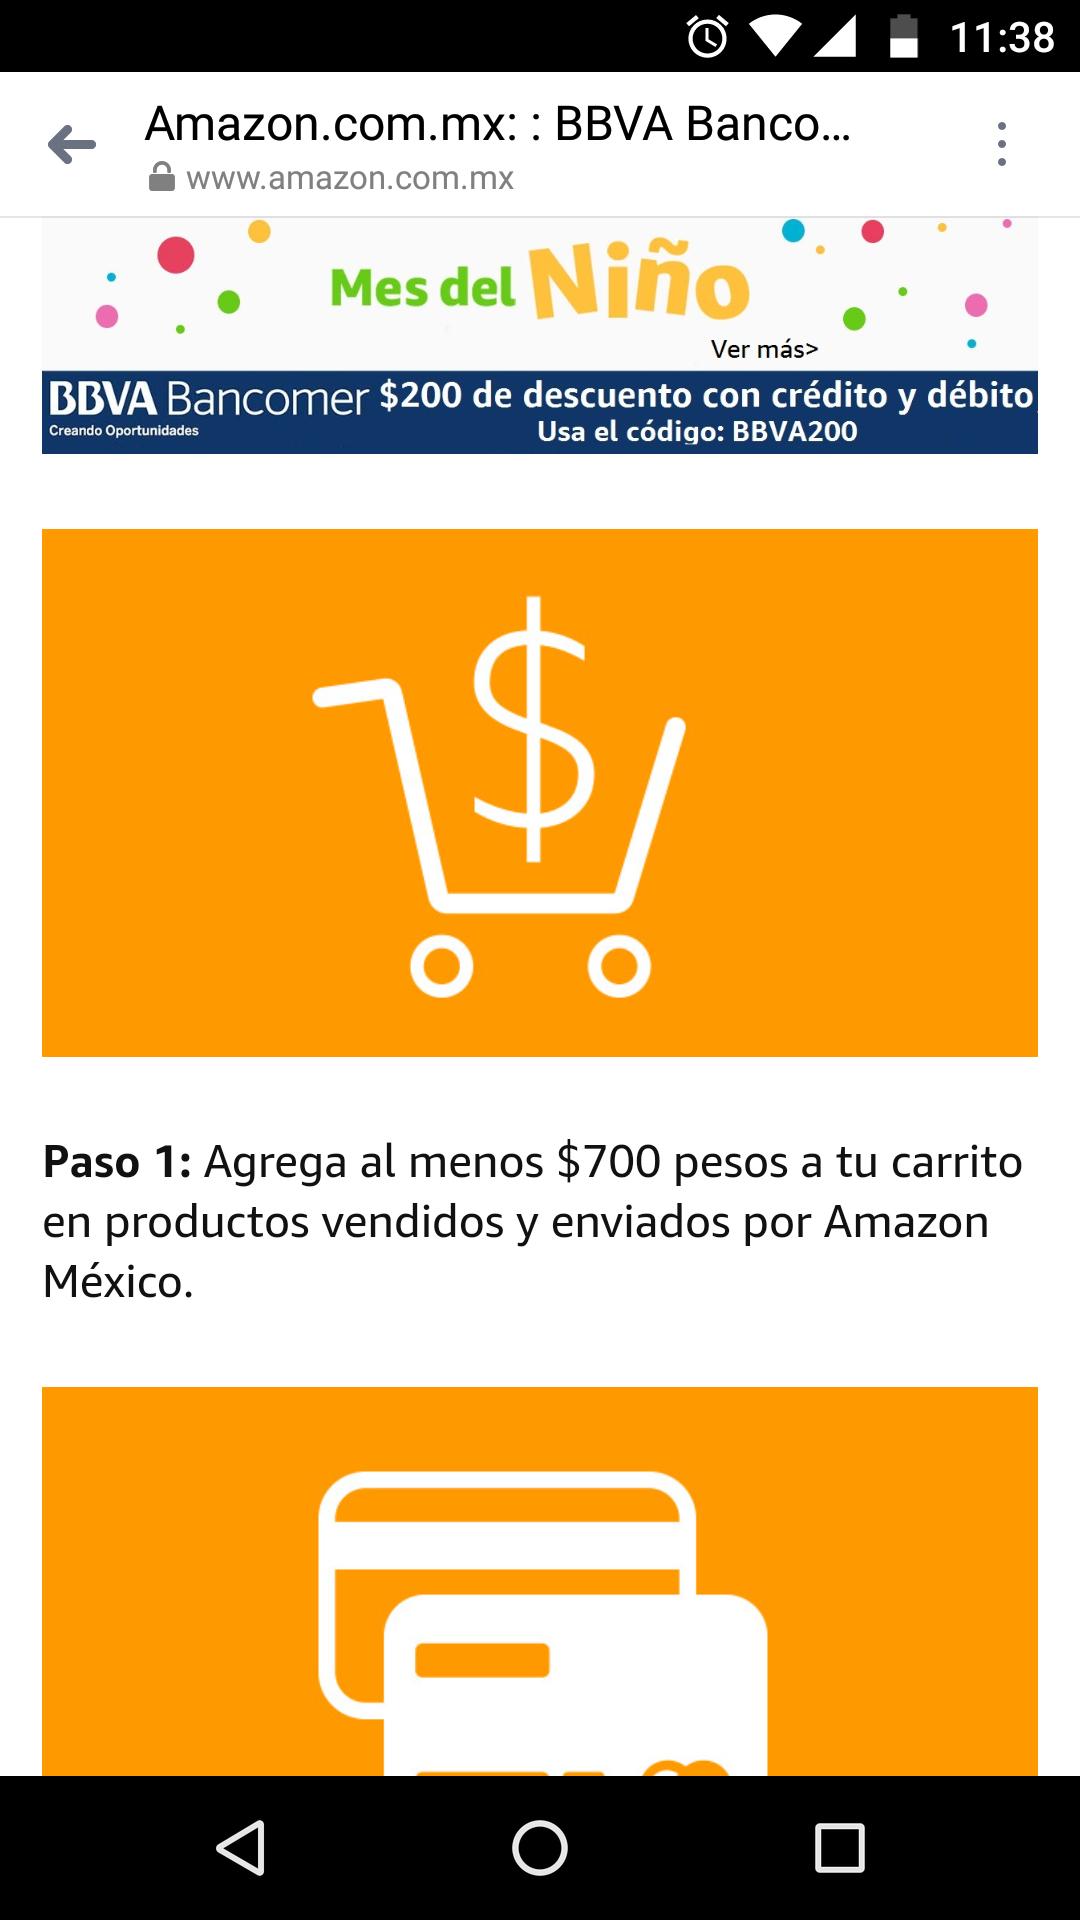 Amazon: Cupón $200 de descuento en compra miníma de $700 en Juguetes y Videojuegos con Bancomer